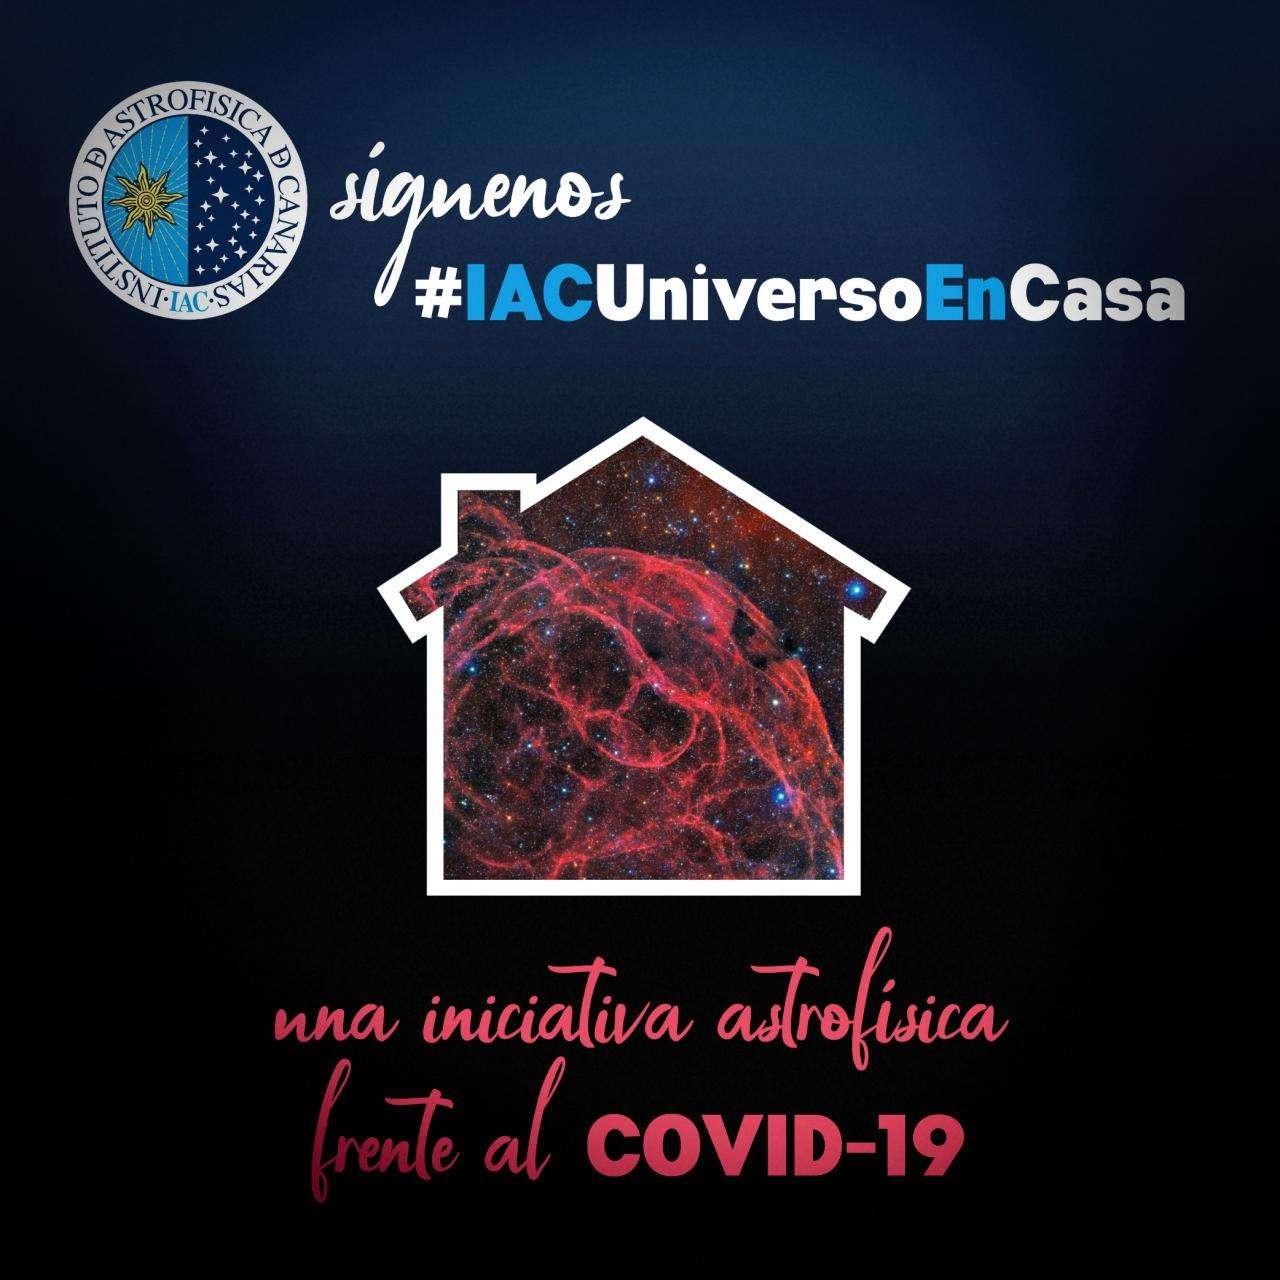 Campaña #IACUniversoEnCasa (Instituto de Astrofísica de Canarias)